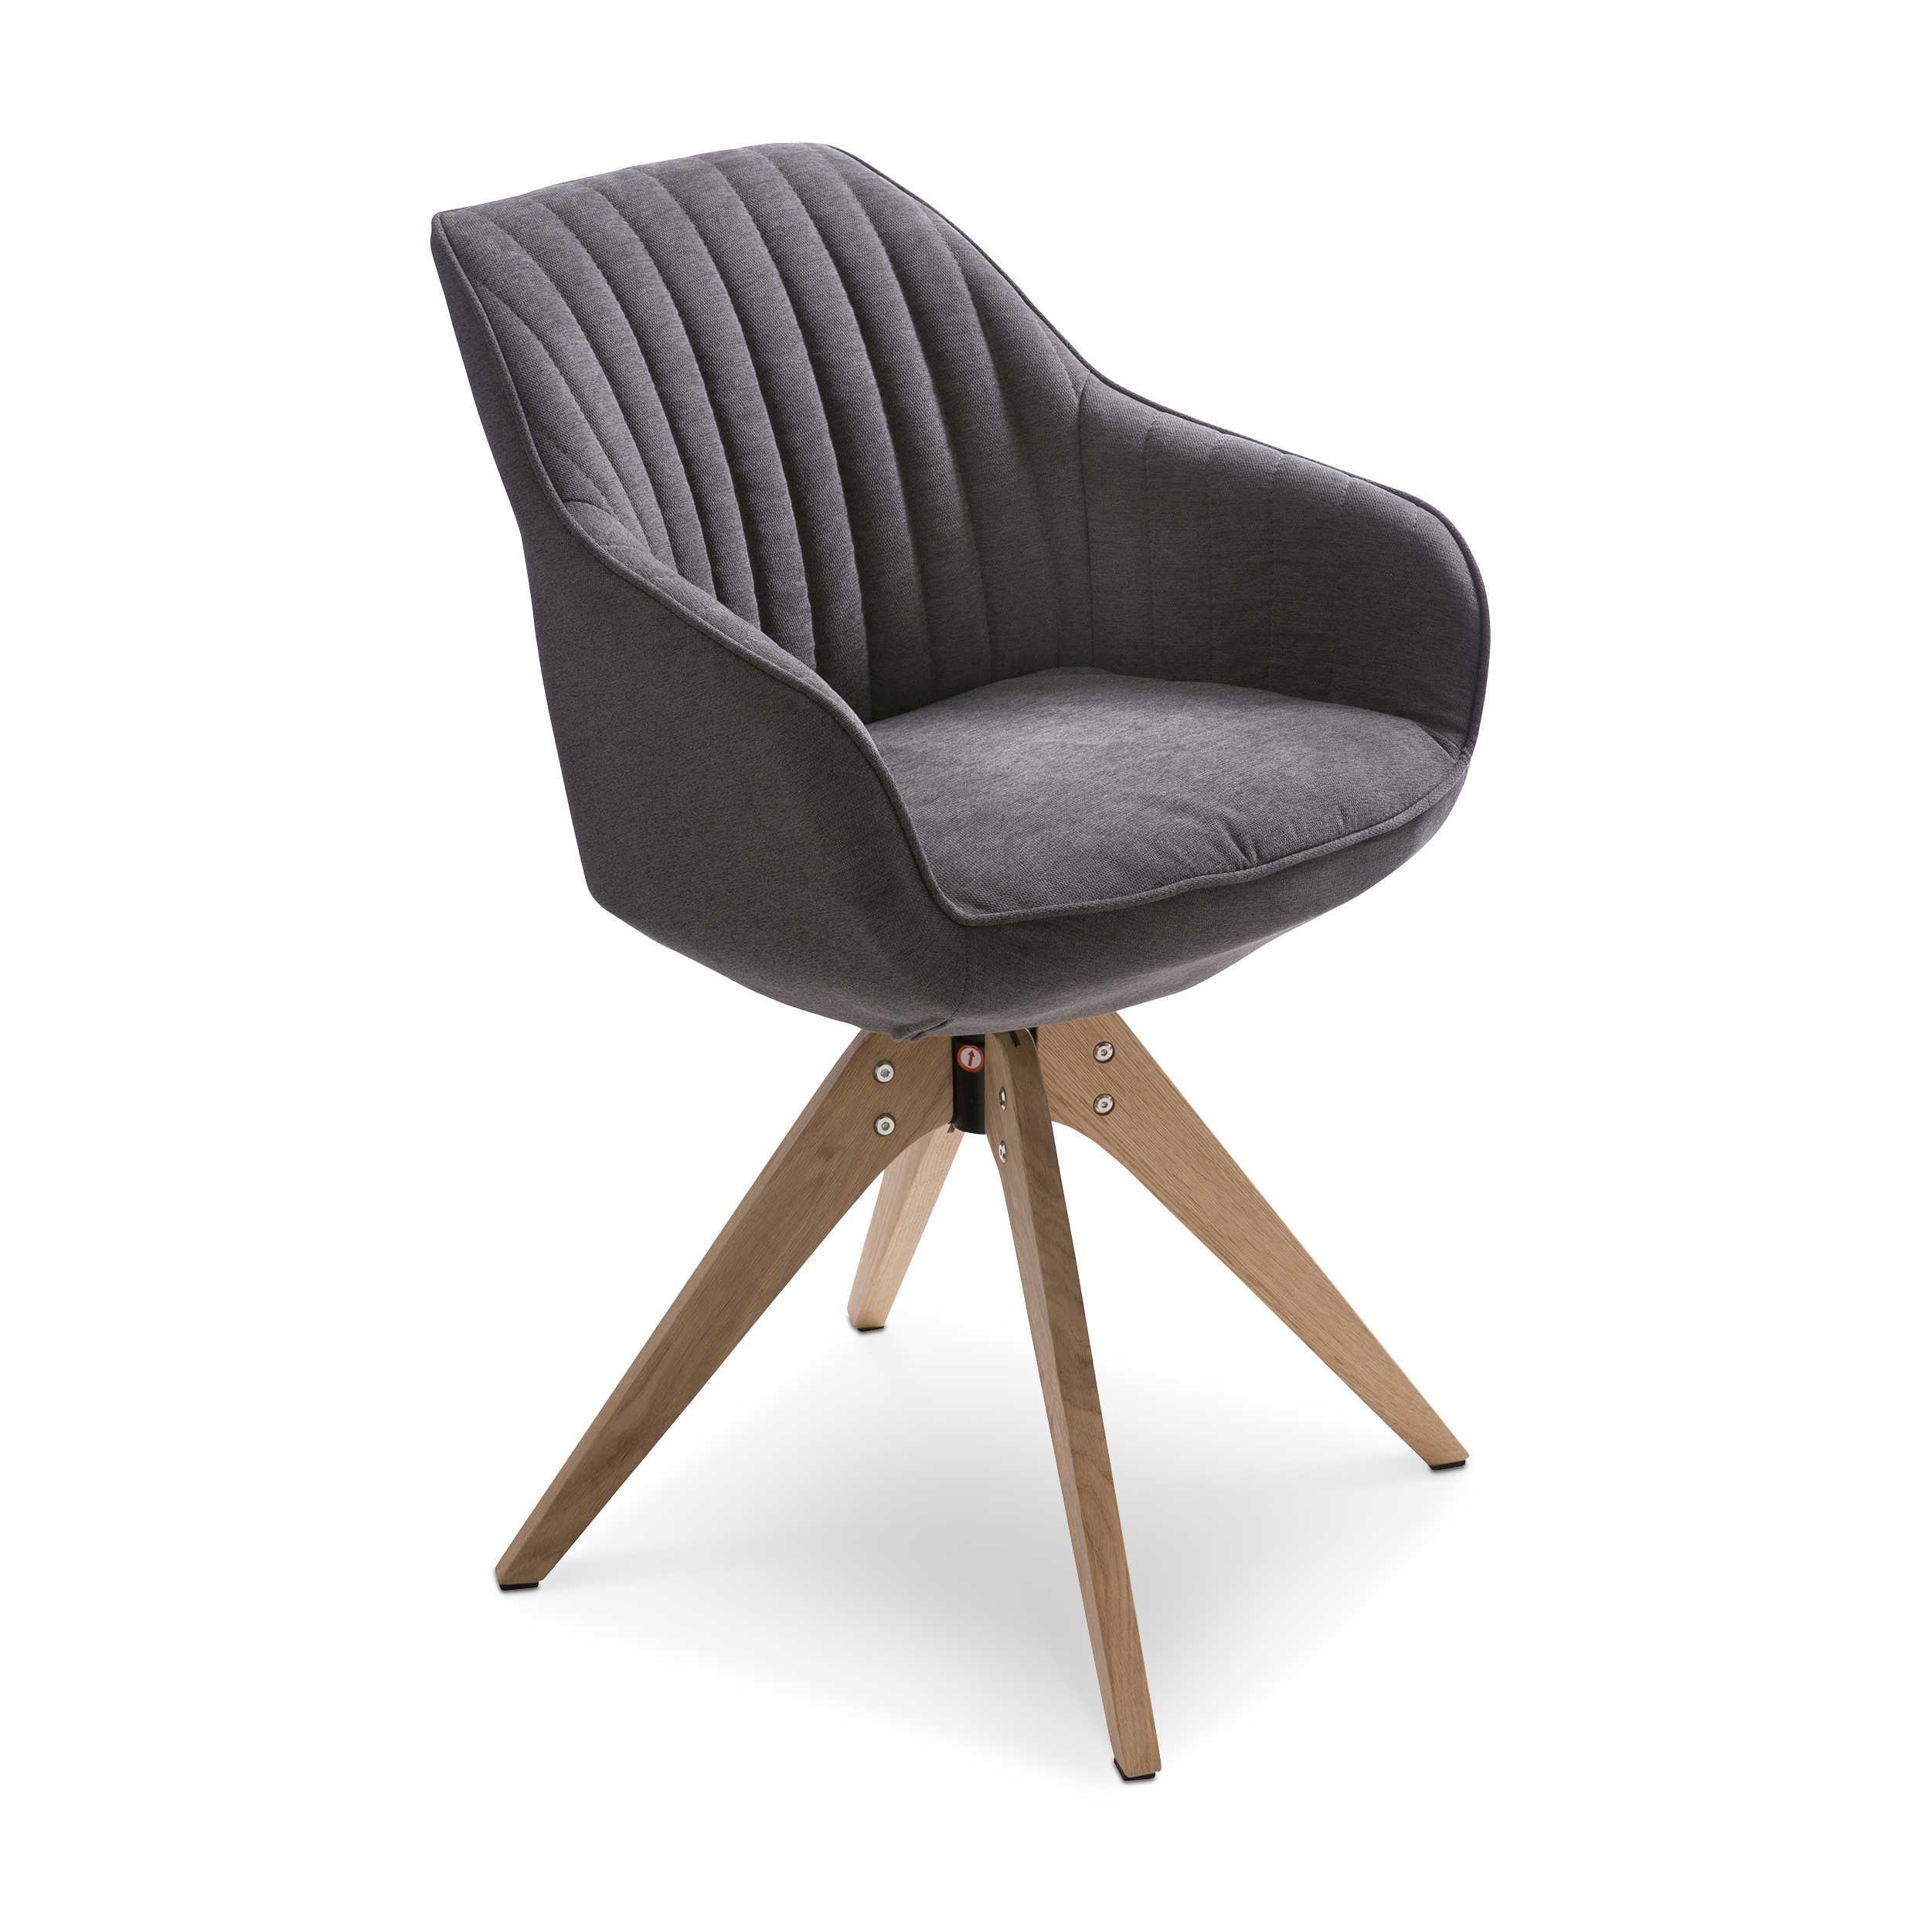 gutmann factory stuhl chill grau stoff online kaufen bei woonio. Black Bedroom Furniture Sets. Home Design Ideas